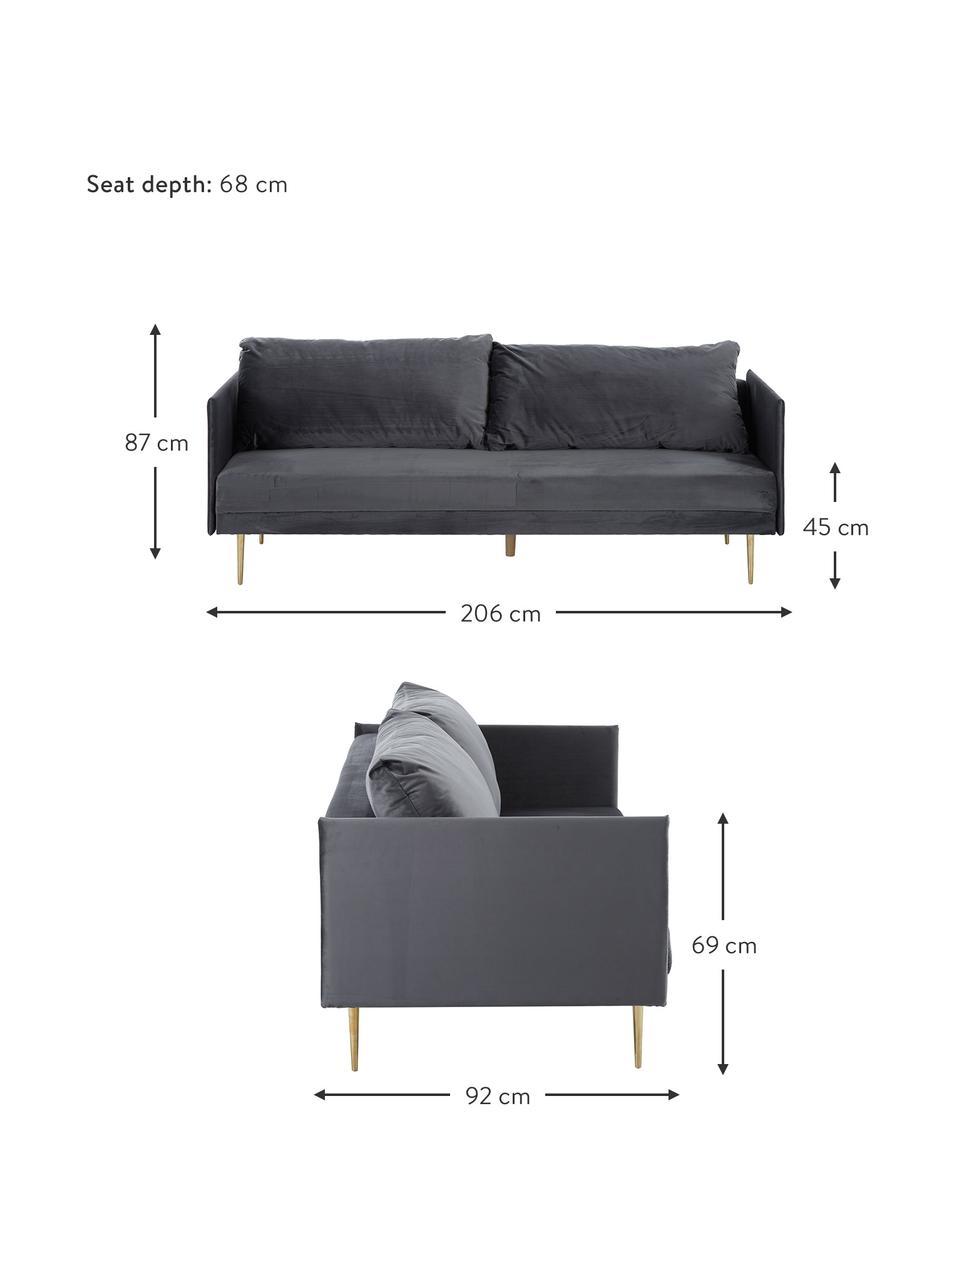 Sofa z aksamitu z metalowymi nogami i funkcją spania Lauren, Tapicerka: aksamit (poliester) Dzięk, Nogi: metal lakierowany, Aksamitny szary, S 206 x W 87 cm